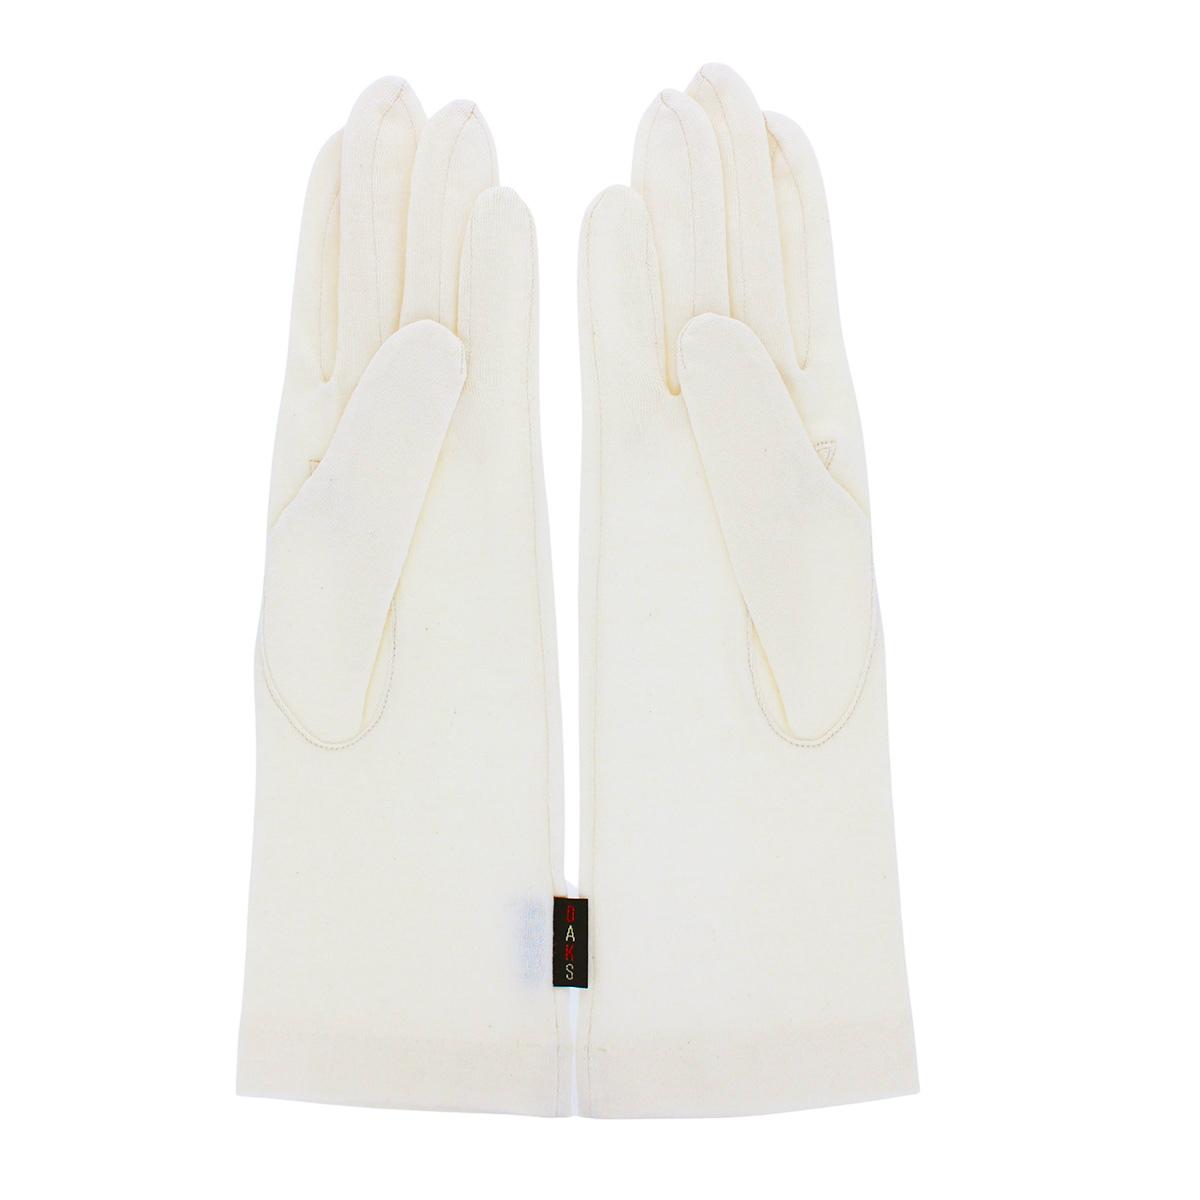 DAKS ダックス レディース UV手袋 UVカット 紫外線対策 オーガニックコットン アルガンオイル加工 長めショート丈 28cm 五本指 シンプル ベーシック 日本製